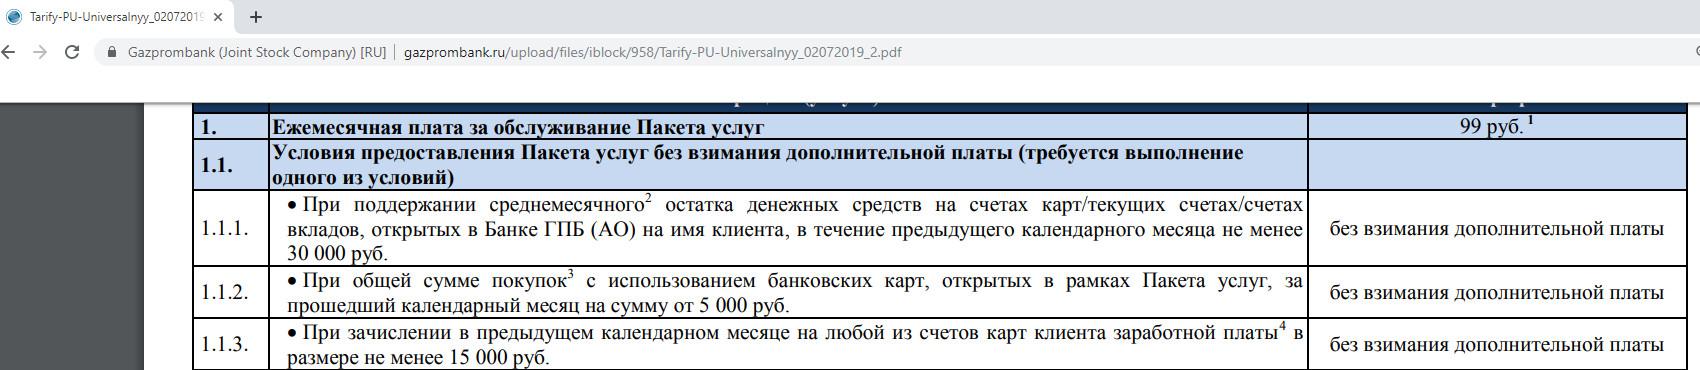 Комиссия за обслуживание Умной карты Газпромбанка